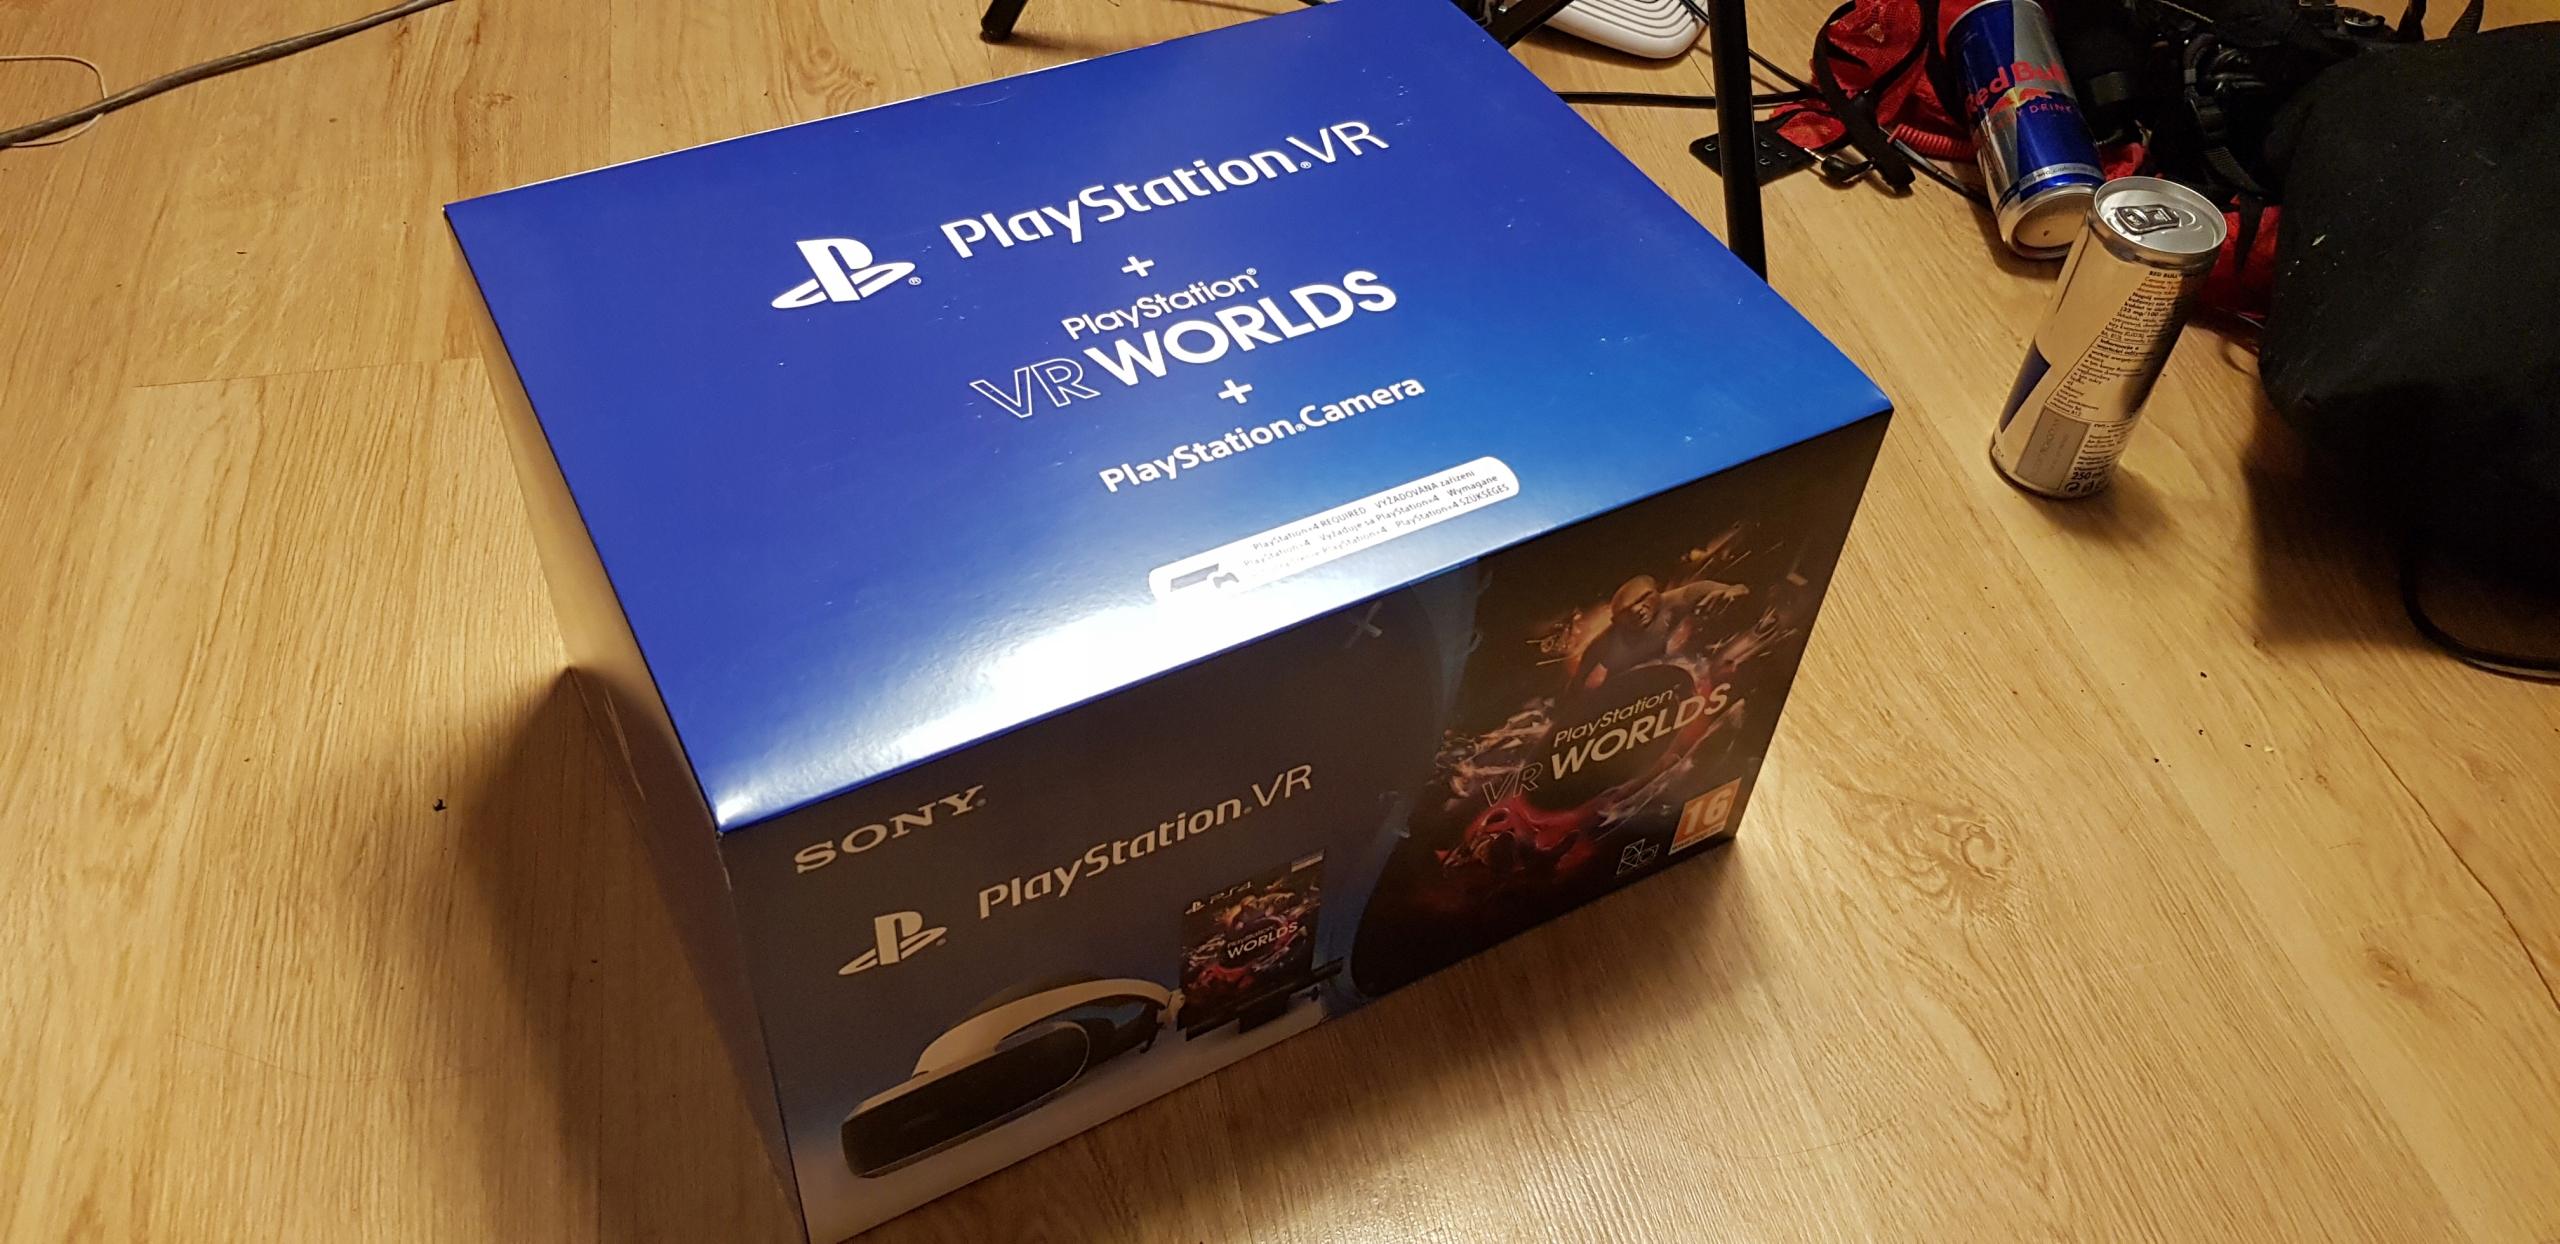 PLAYSTATION VR v2 NOWA google+kamera+gra Worlds